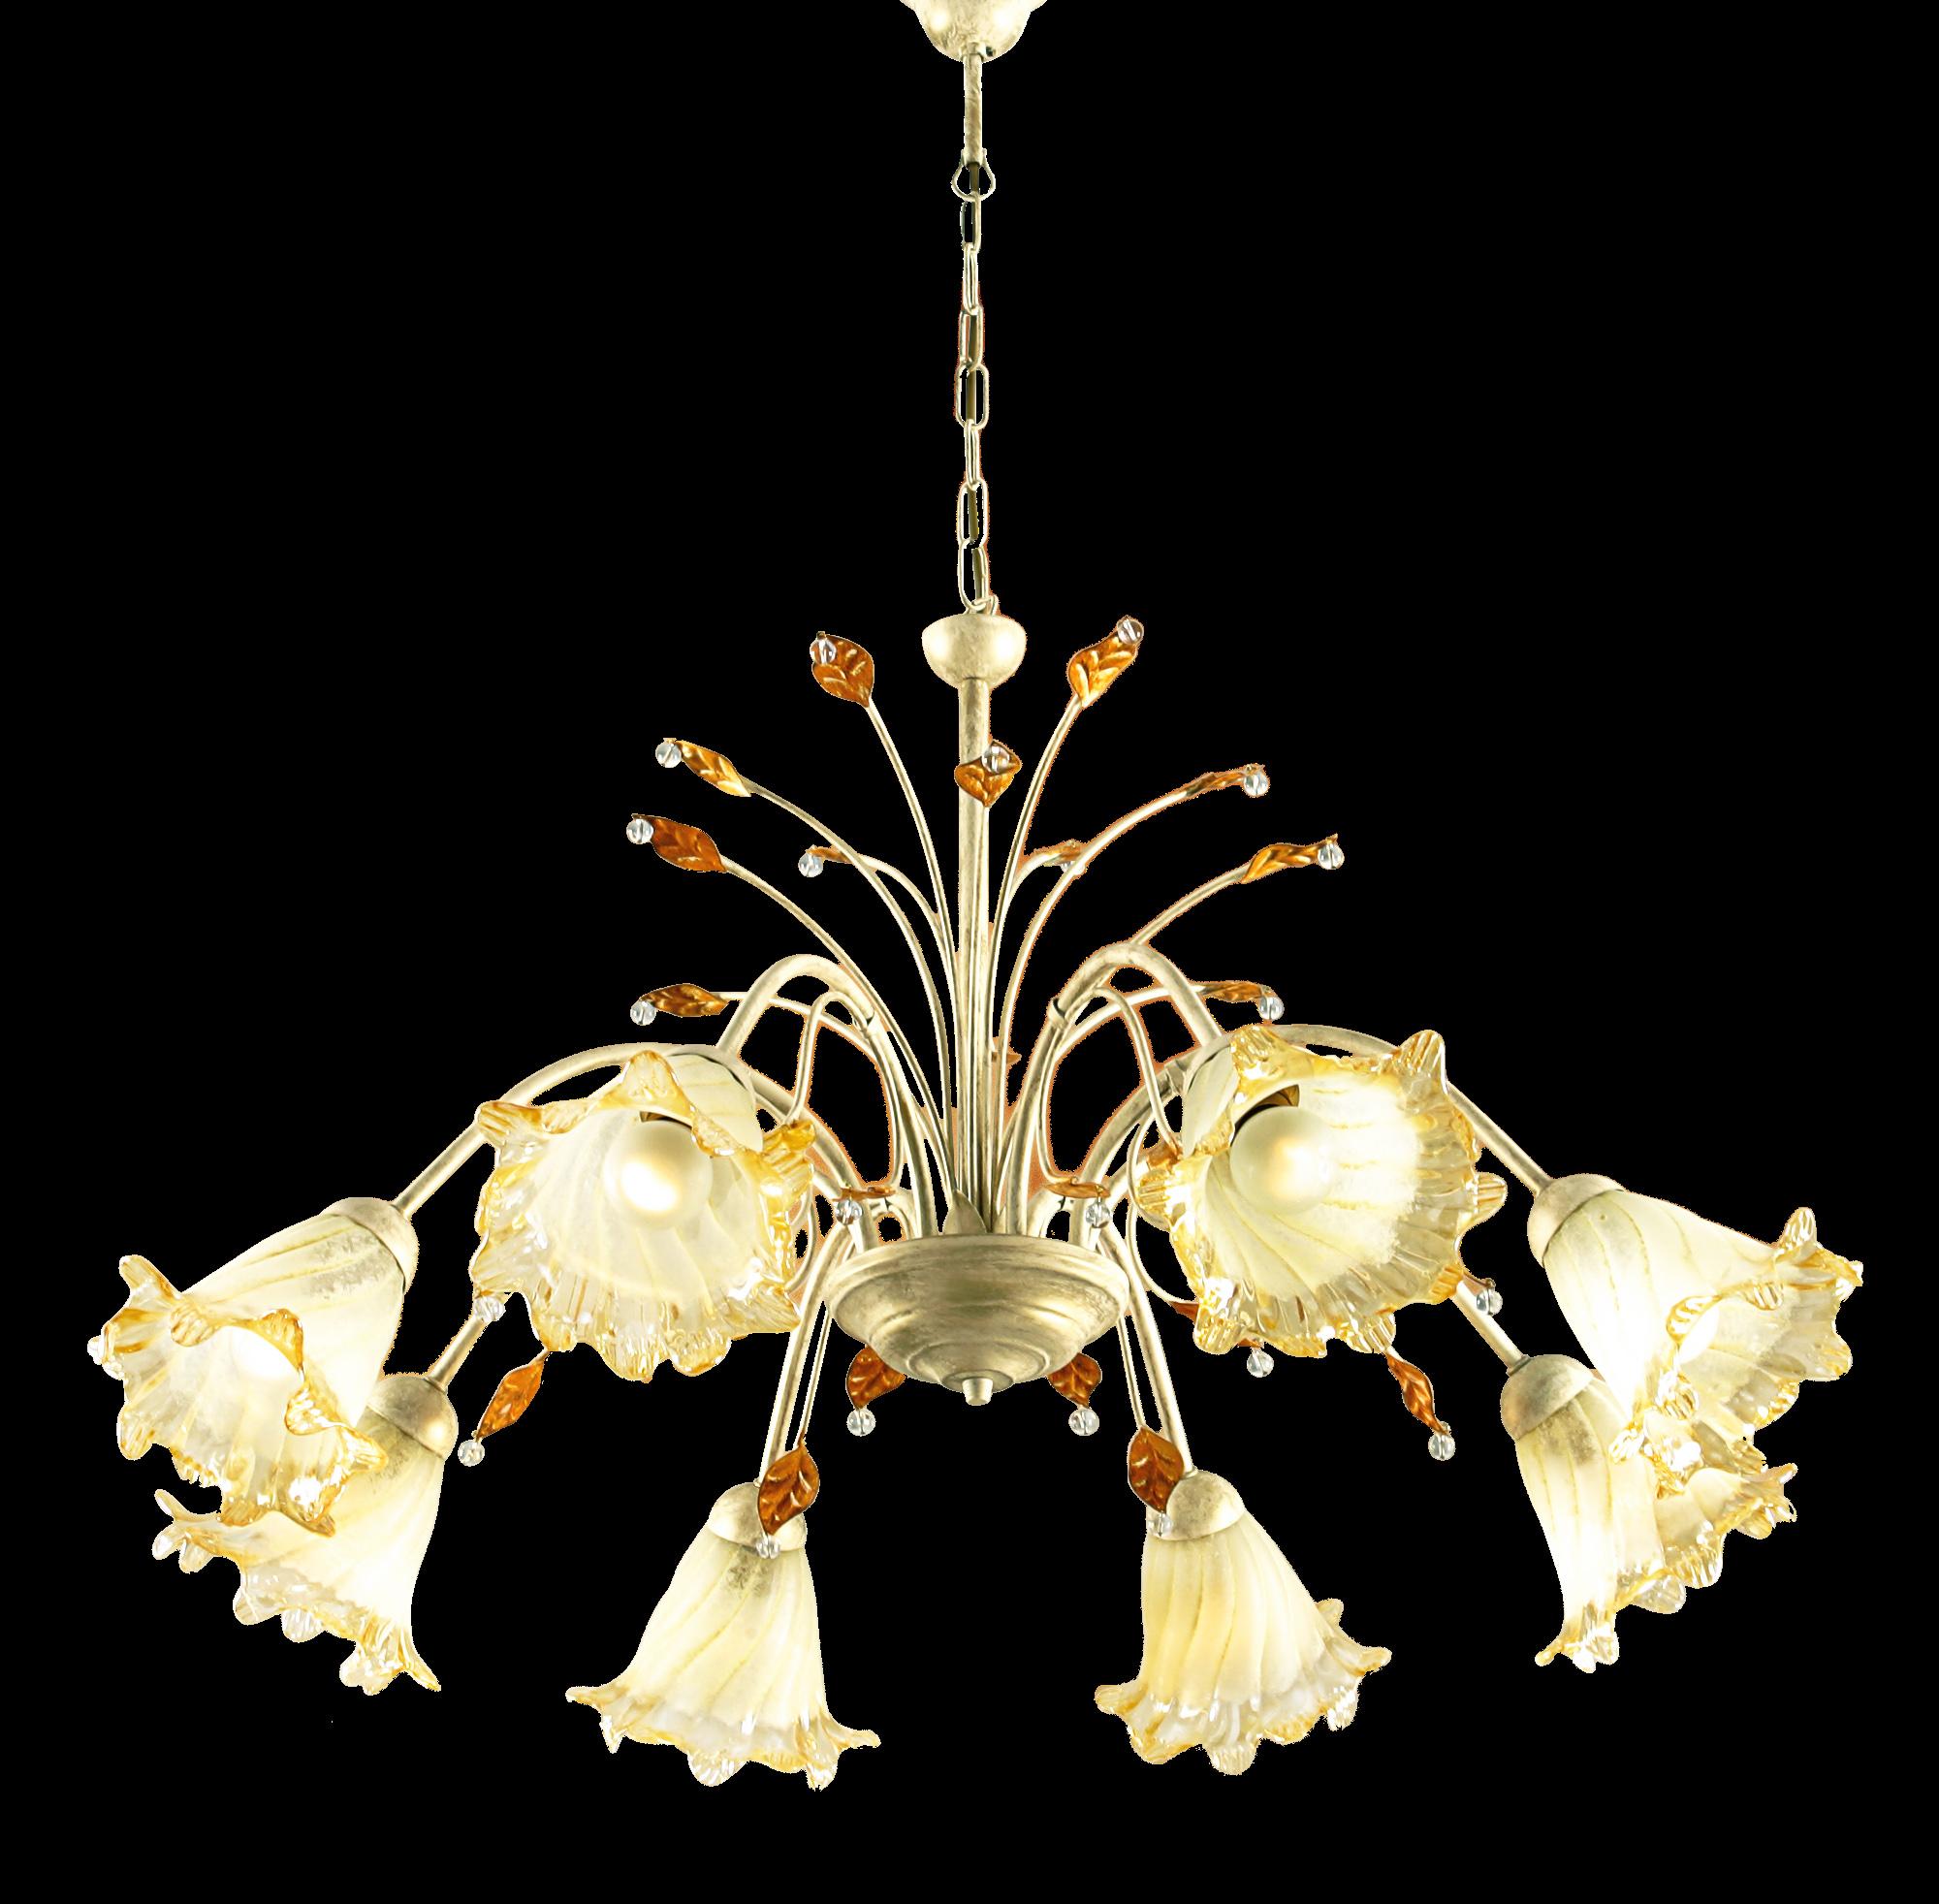 Padana Lampadari Lampada a Sospensione TRILLY 486/8 - Notali Lampadari